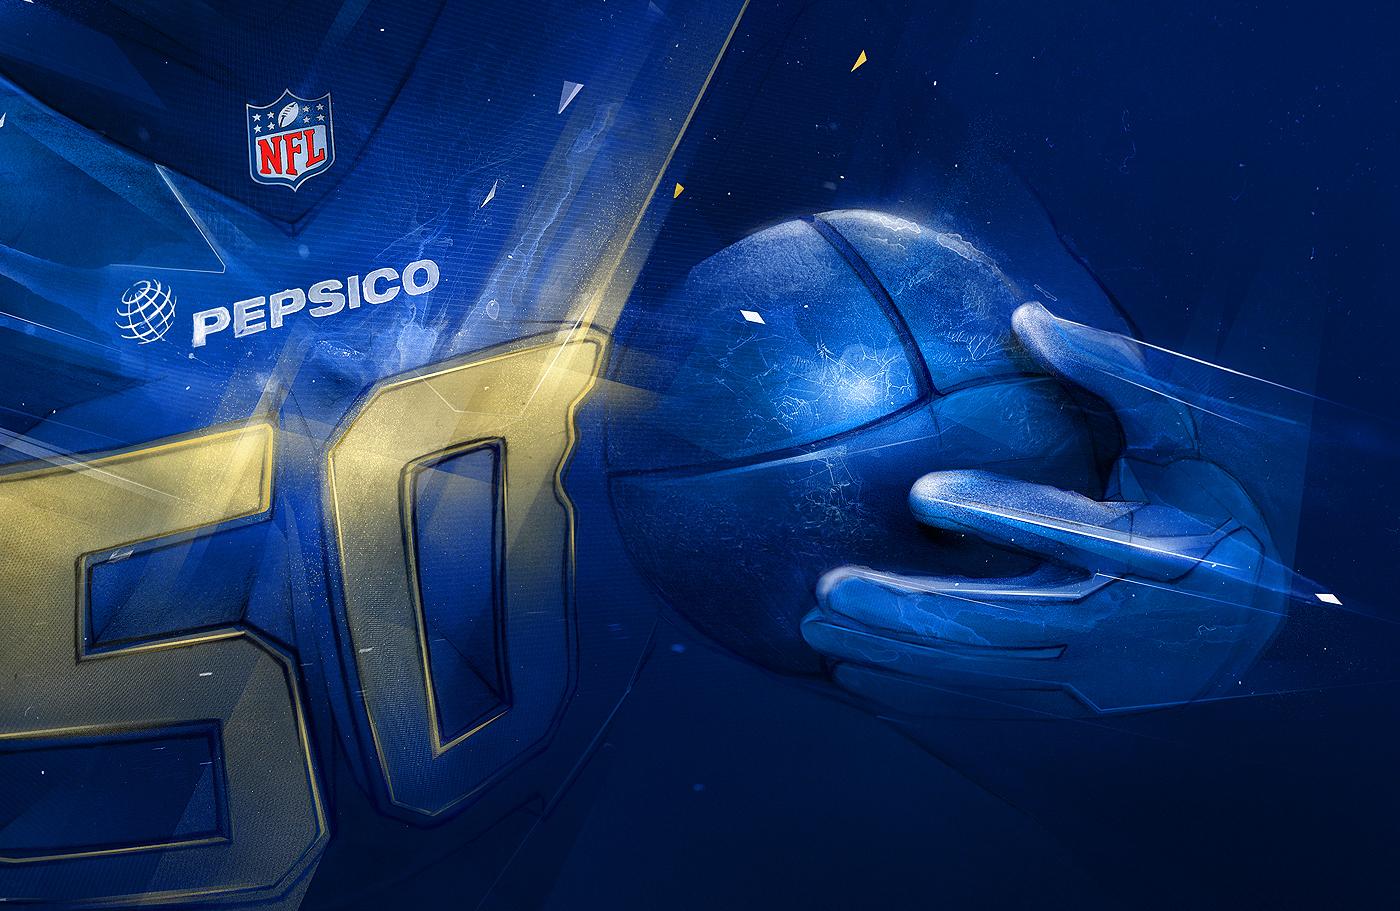 pepsi pepsico pepcity superbowl nfl football wacom sport Event adobe